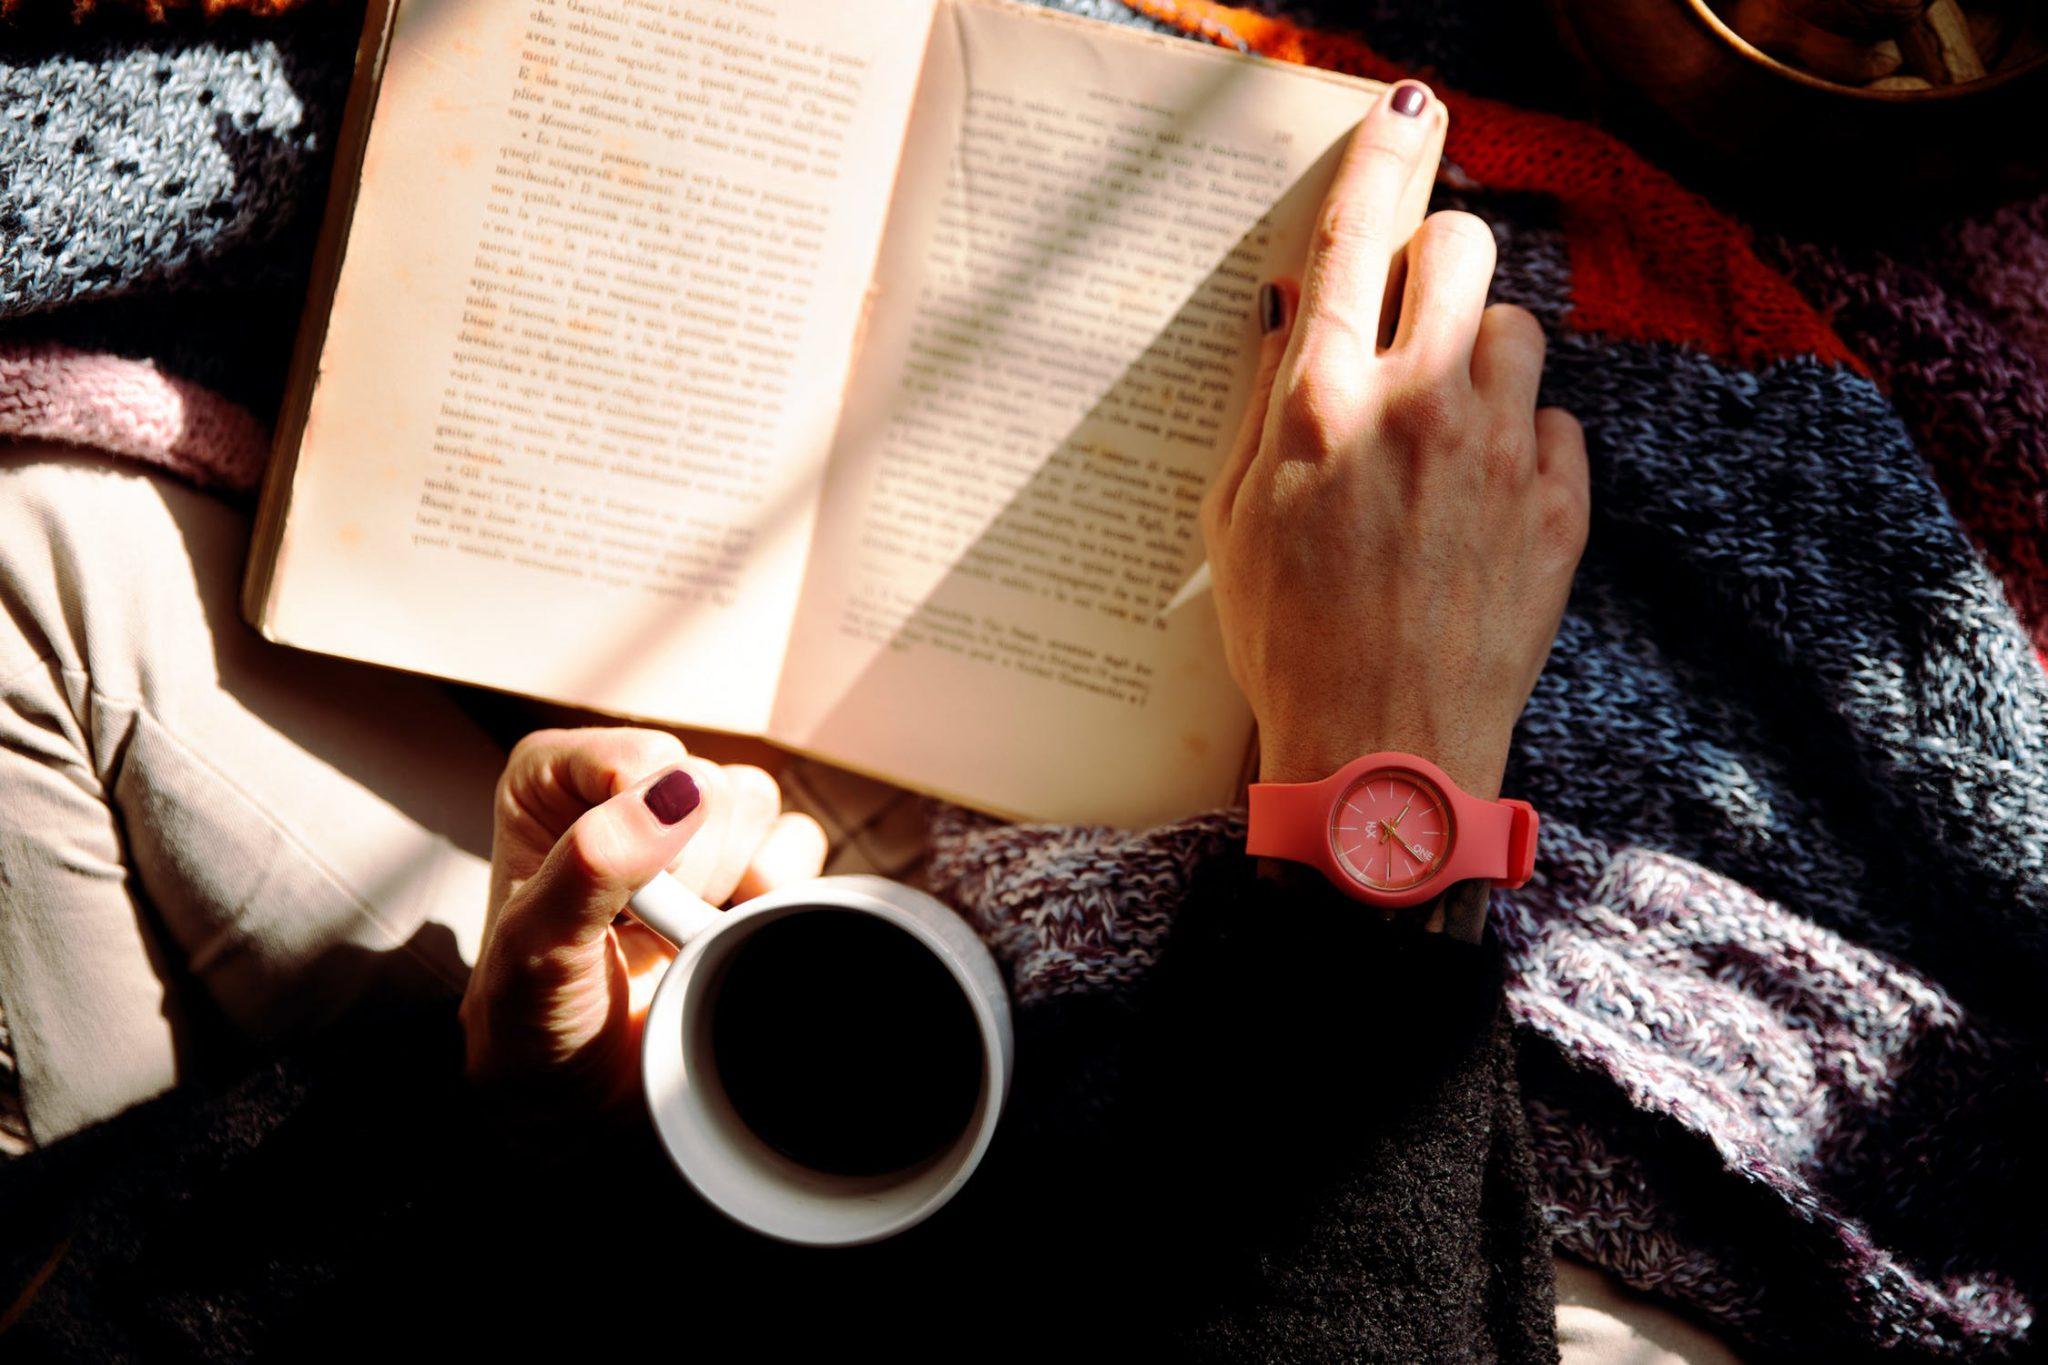 Frau liest ein Buch und trinkt Kaffee; Informationen spannend einbinden